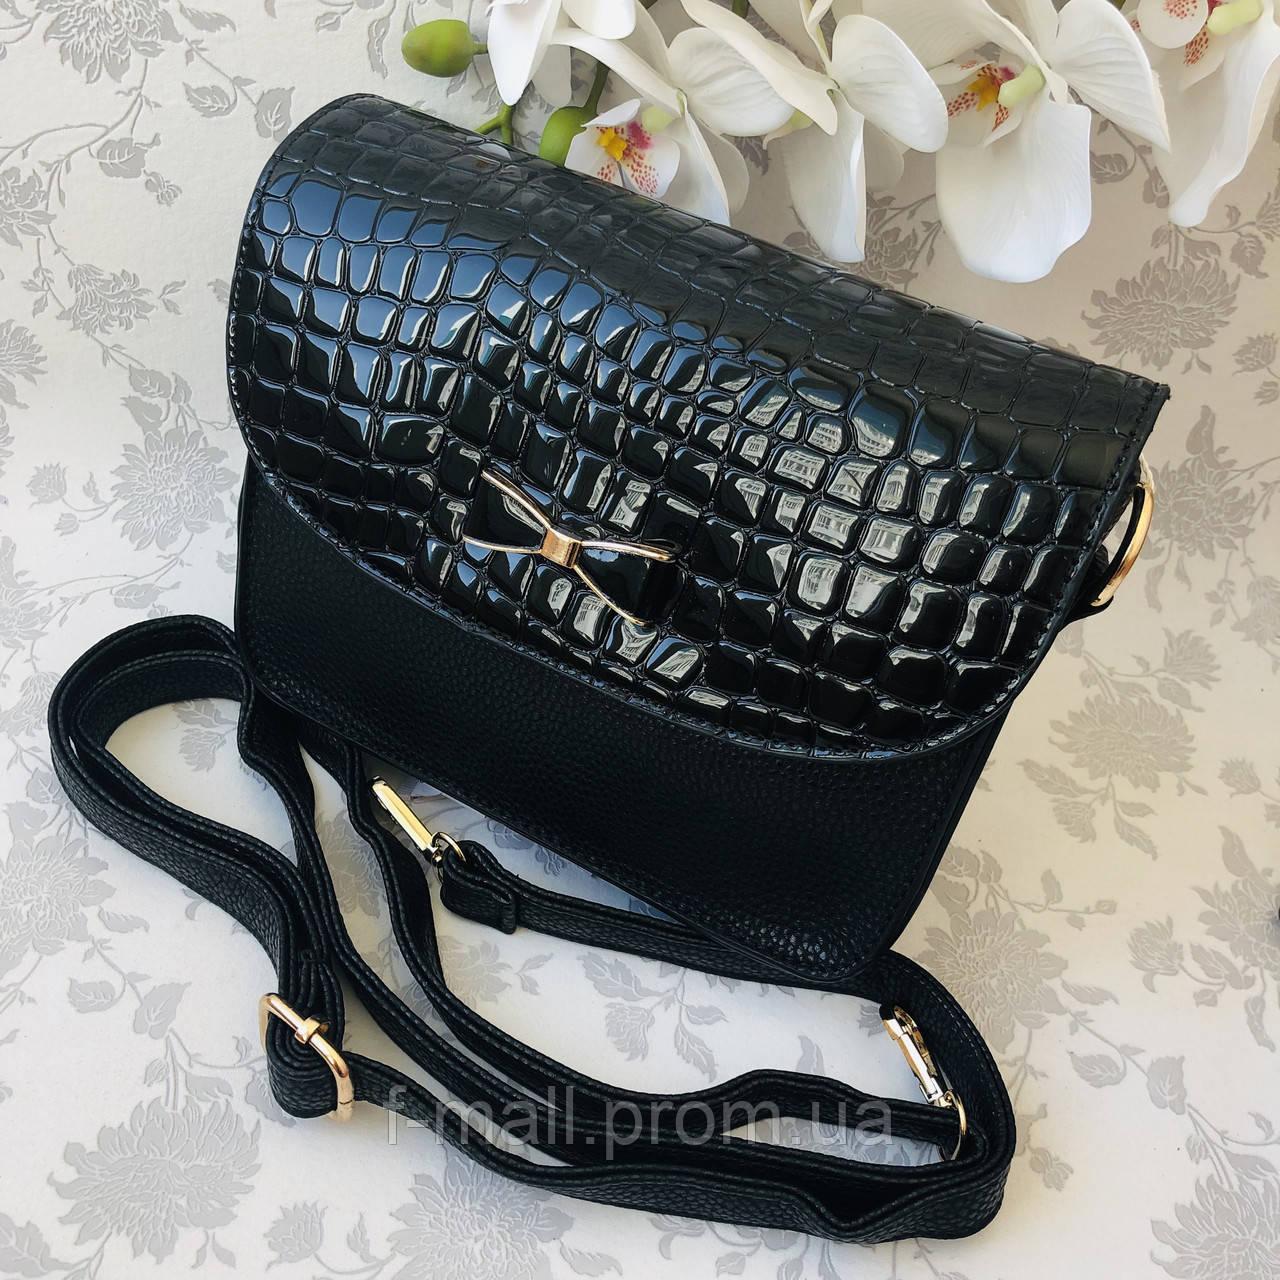 Стильная женская сумка с бантиком черная  (163)